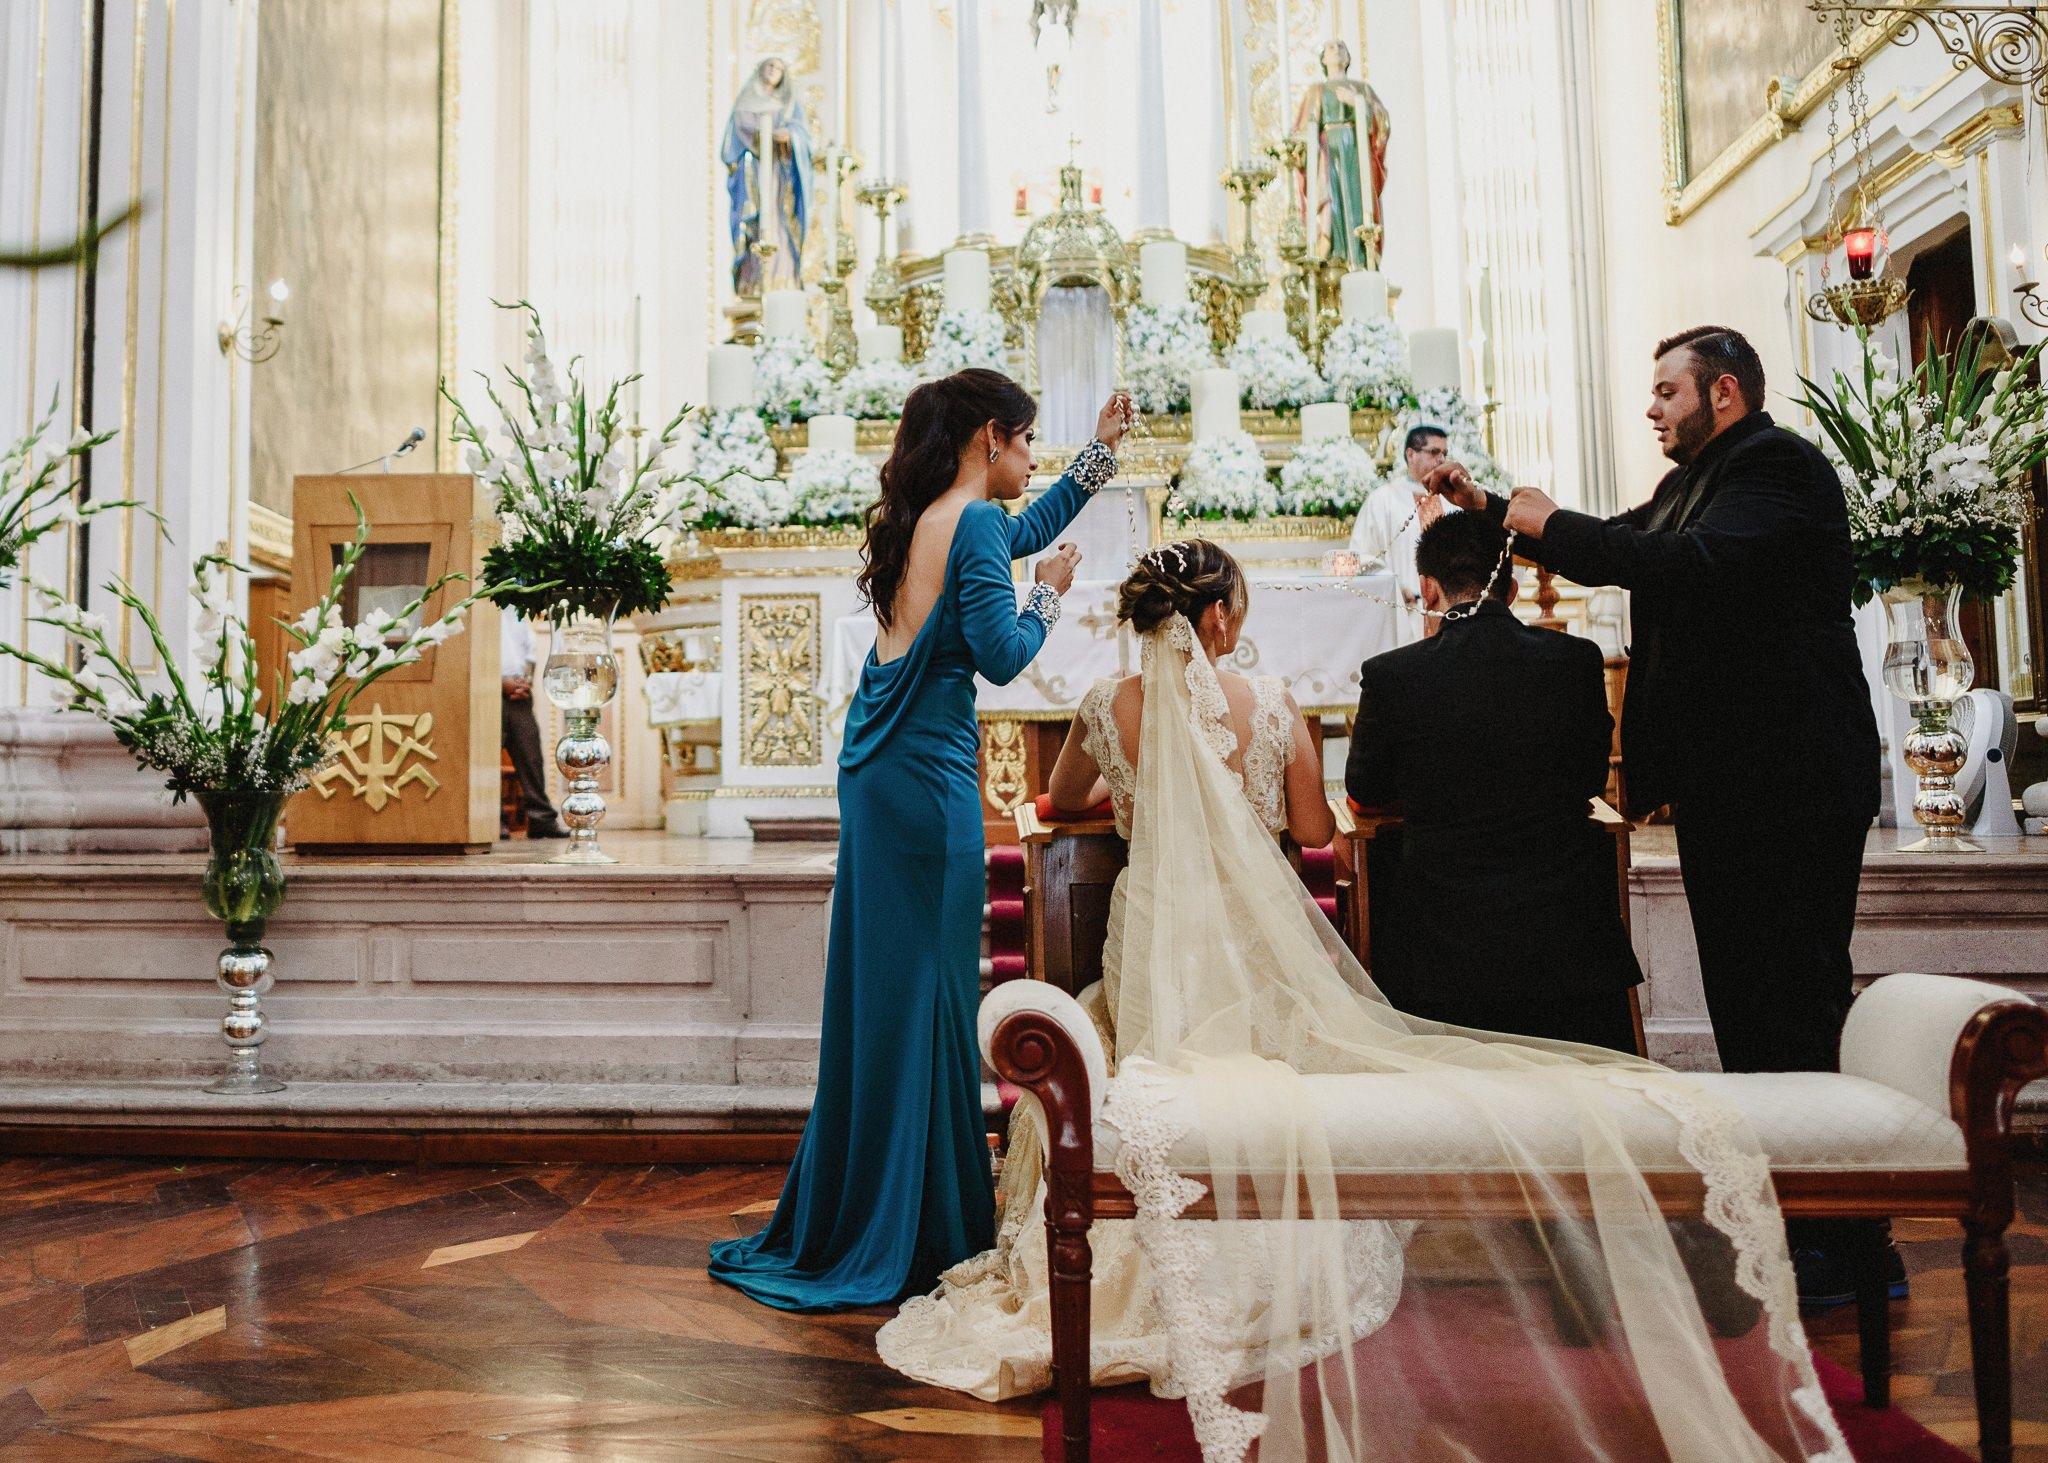 02boda-wedding-ceremonia-templo-barrio-del-encino-aguascalientes-fotografo-luis-houdin67